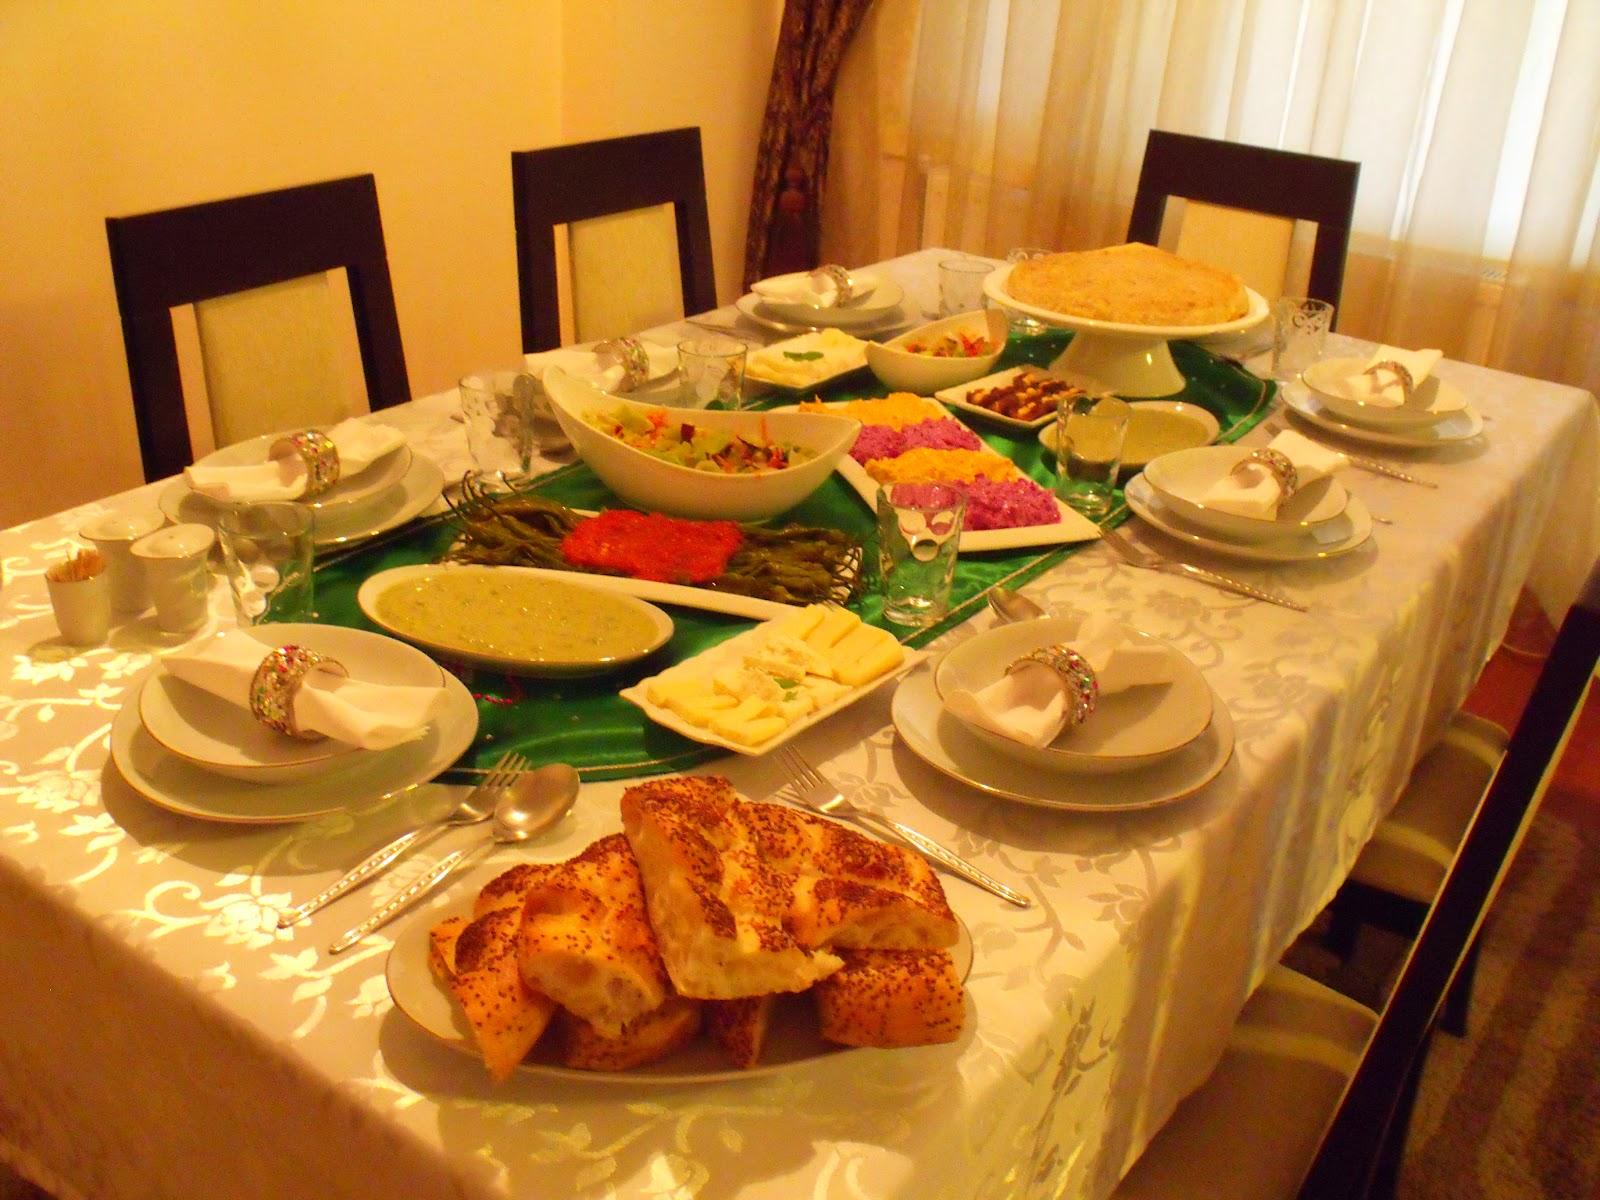 Iftar tarifleri — Görsel Yemek Tarifleri Sitesi - Oktay ...